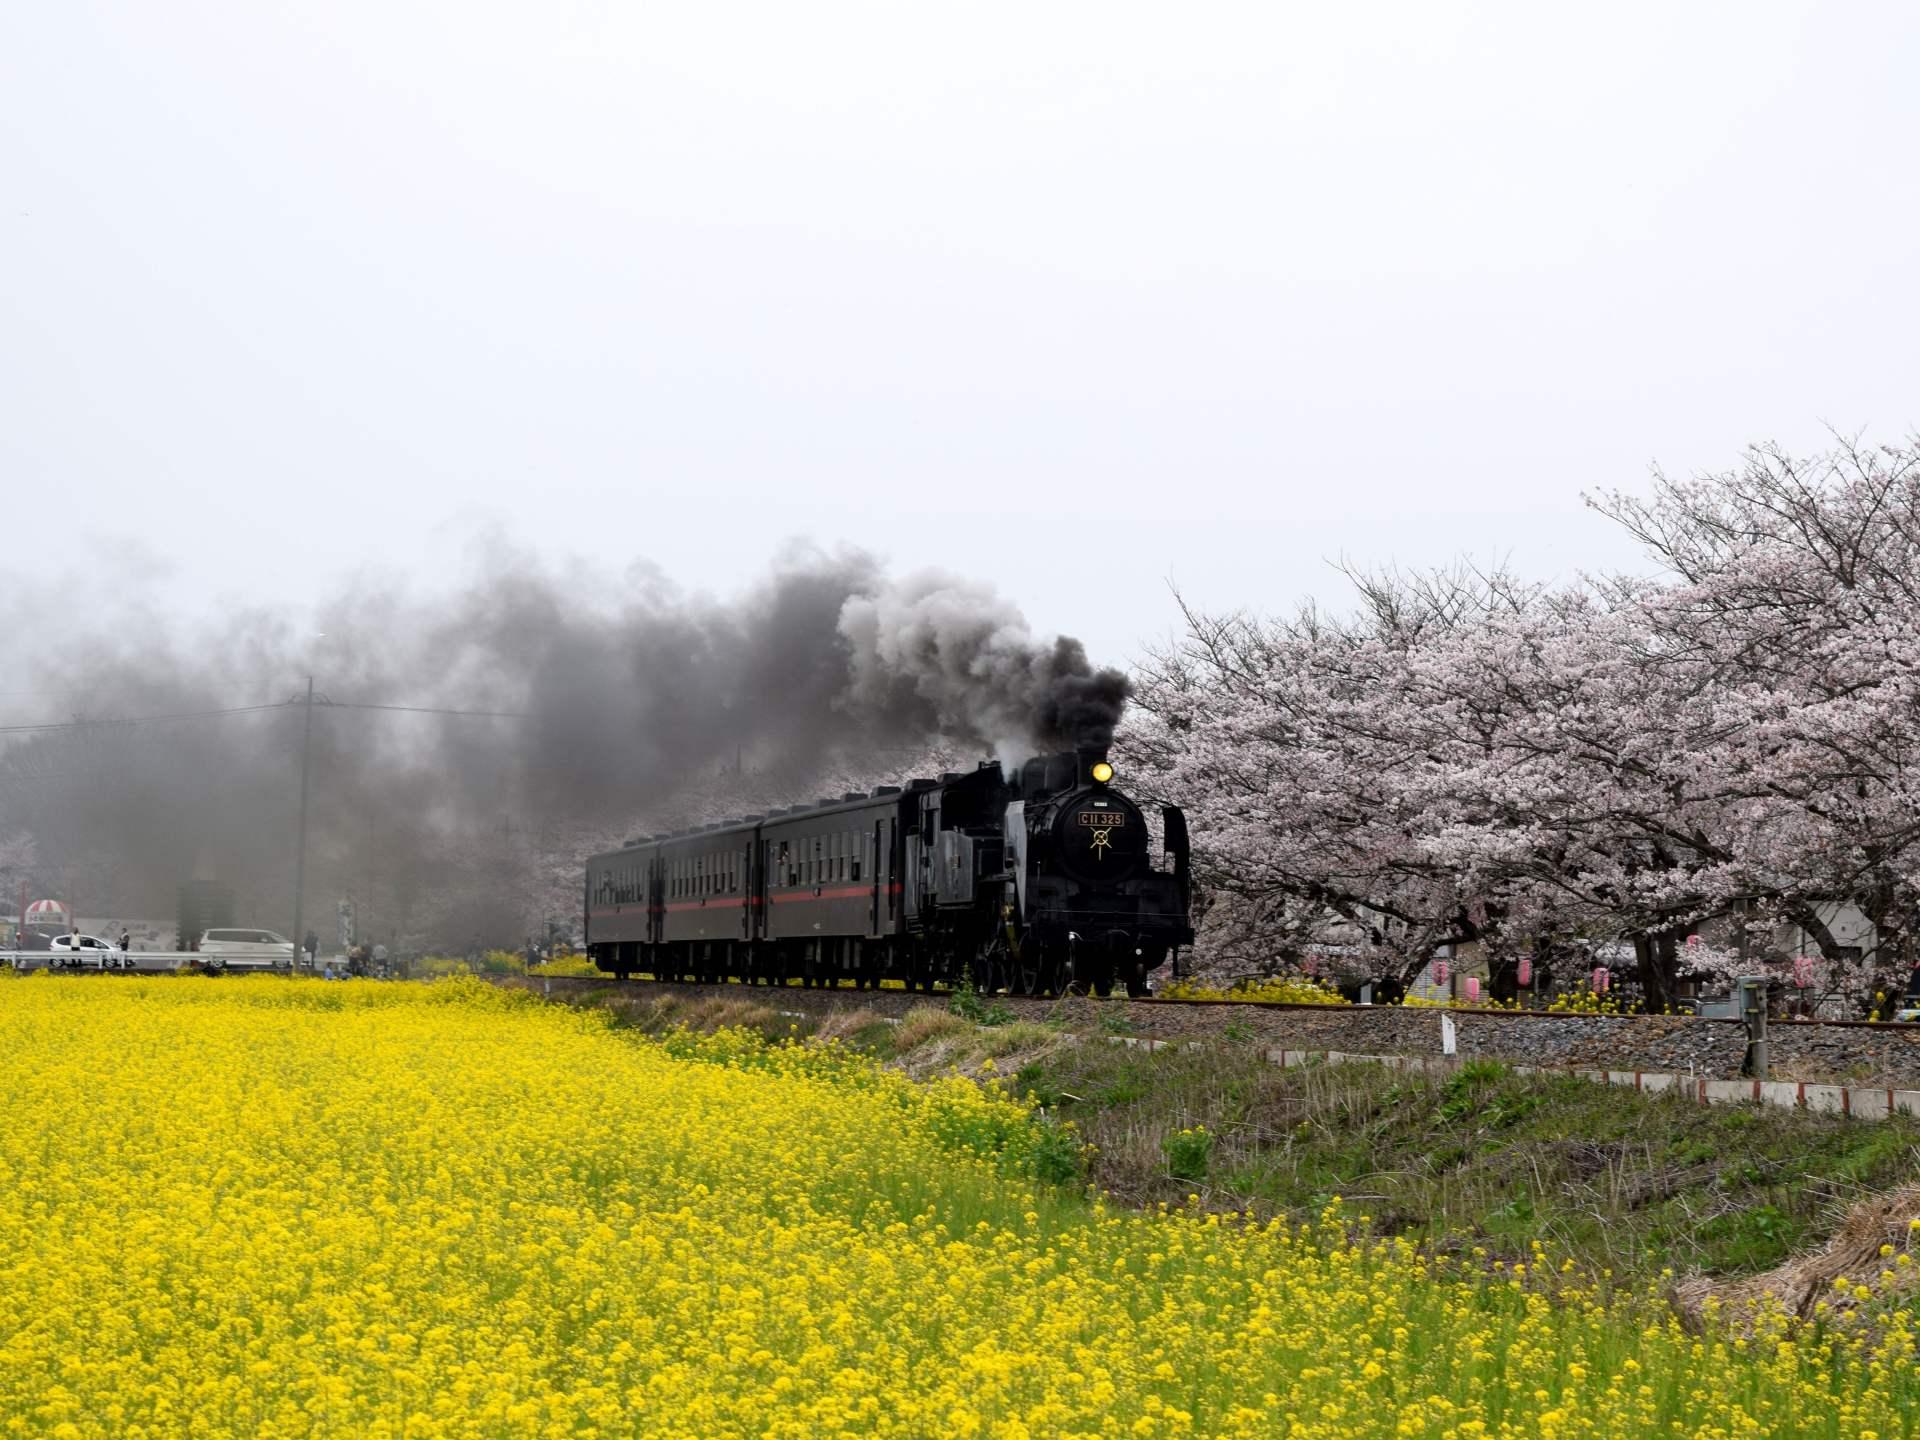 晴天×油菜花田×滿開的櫻花×SL蒸汽火車